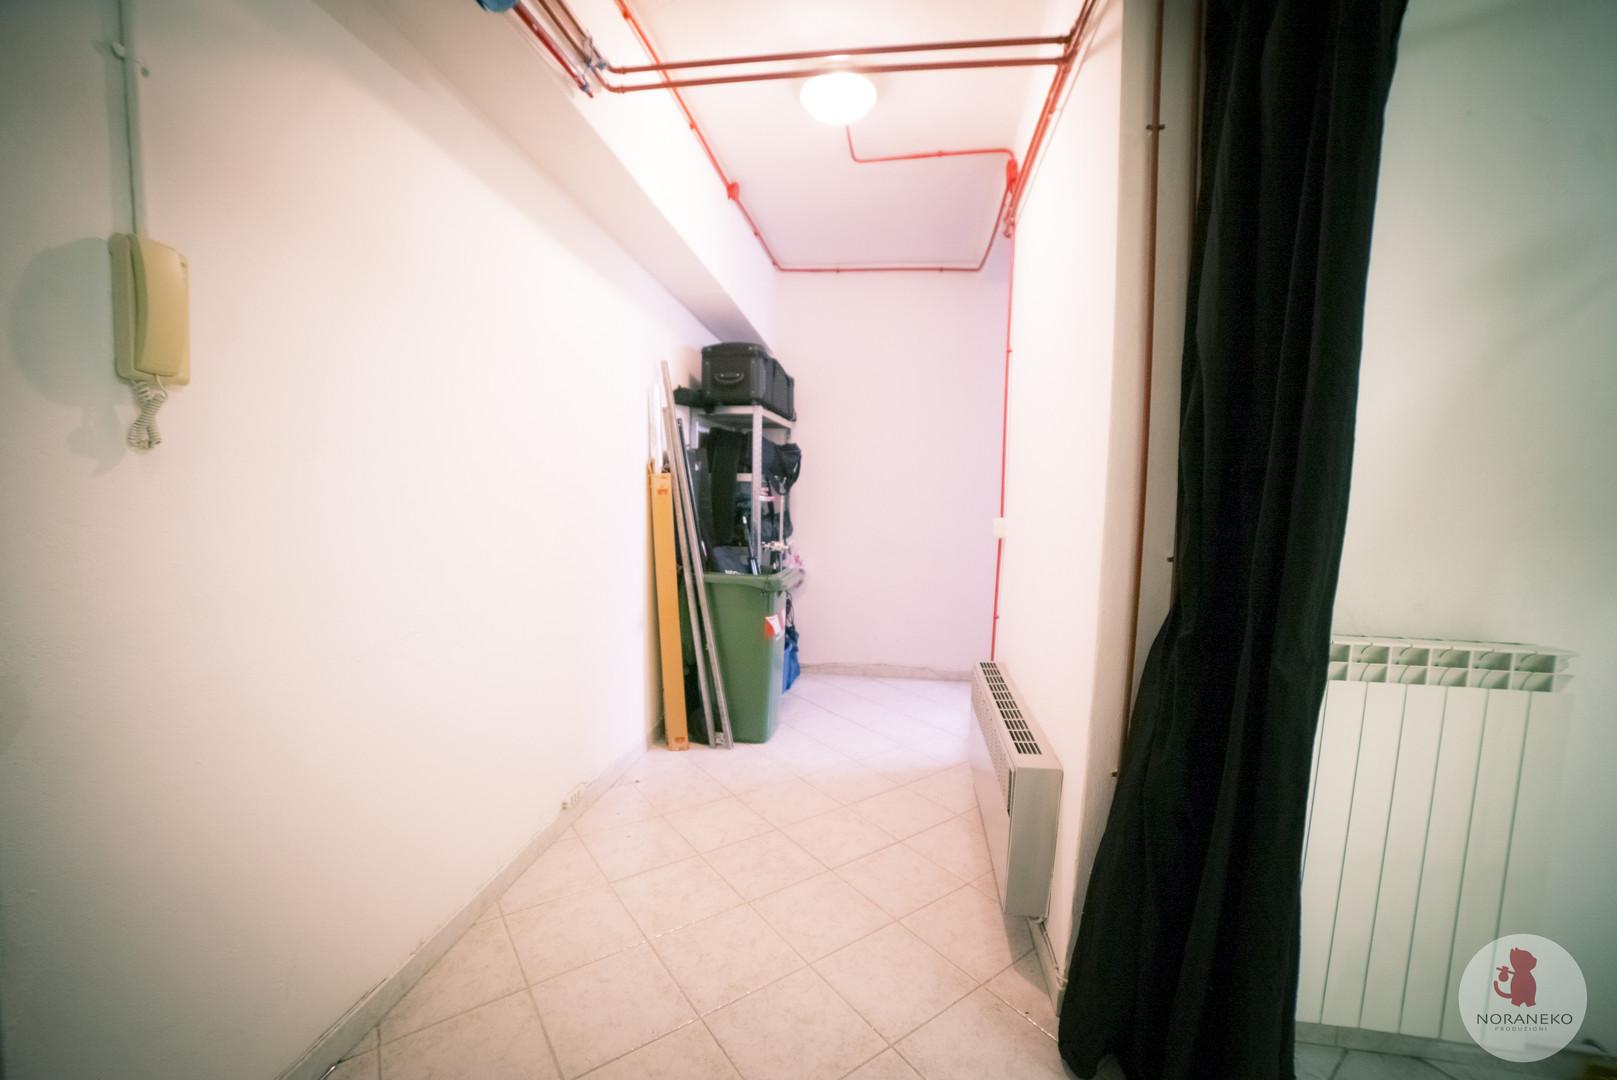 Corridoio.jpg